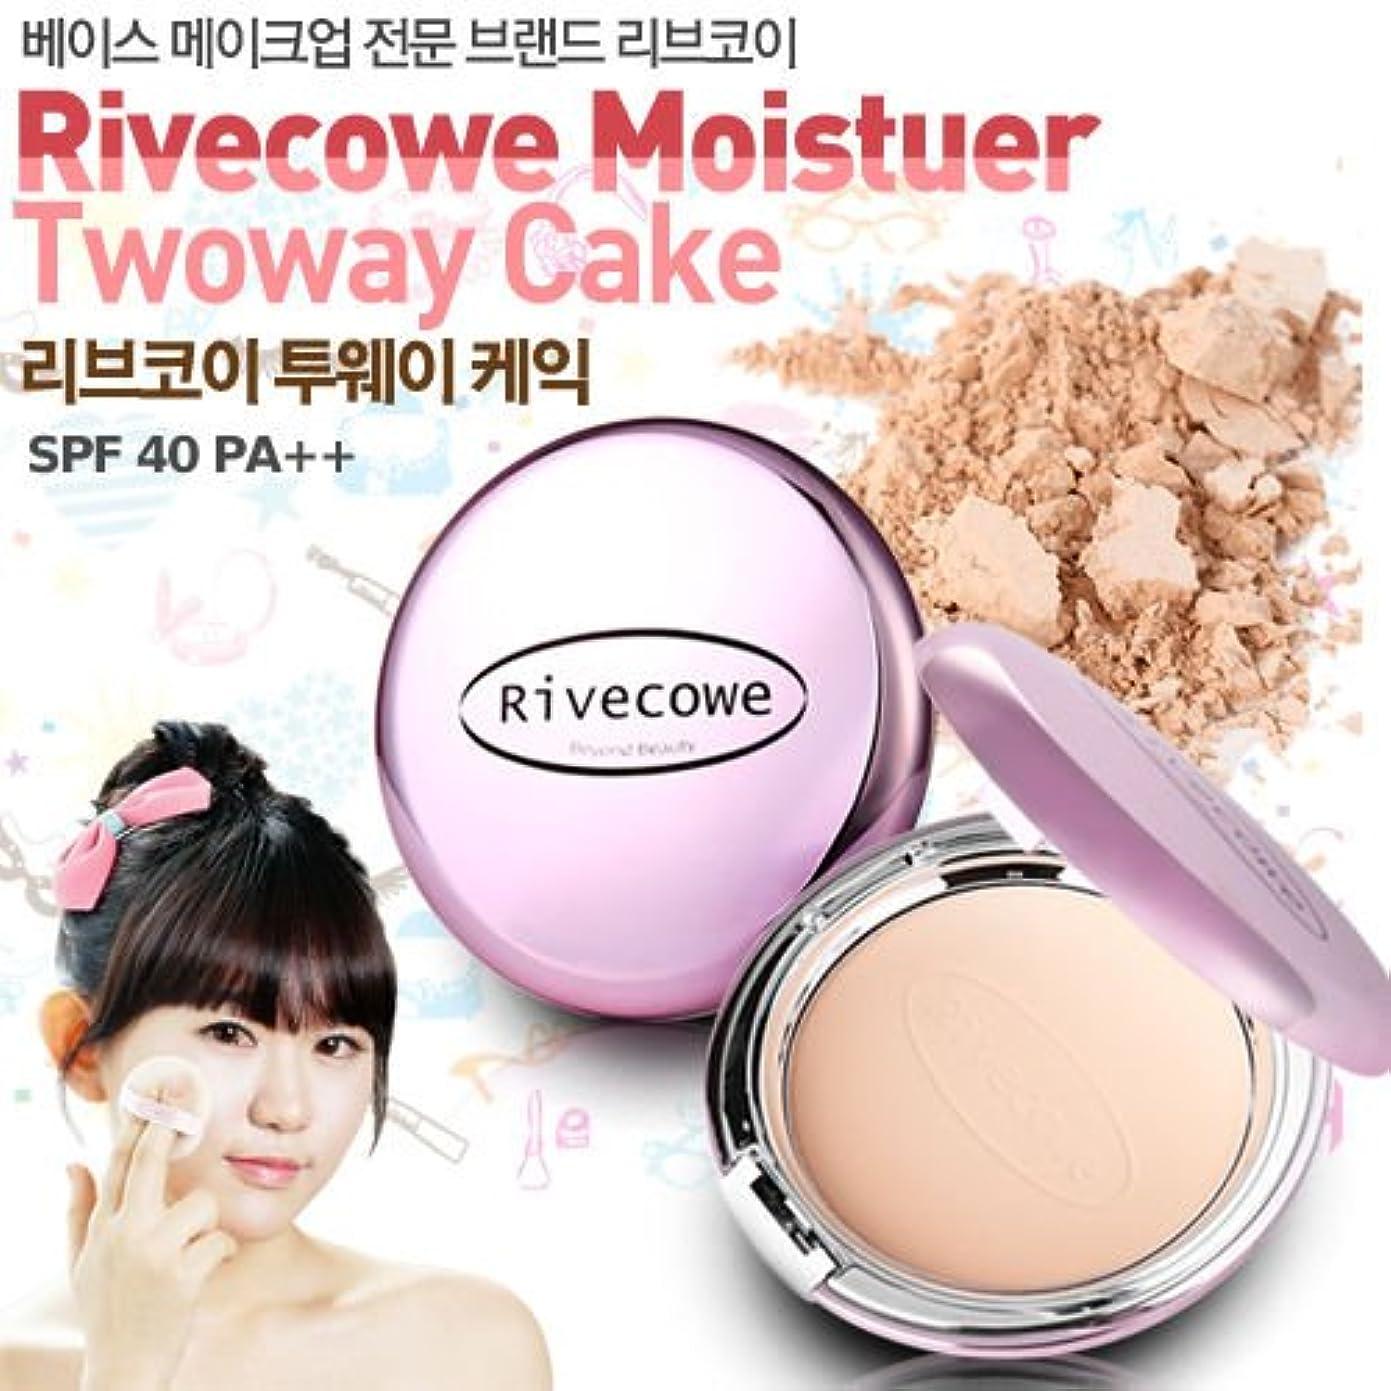 混合調整する面Rivecowe Moisture Twoway Cake (Foundation + Powder) SPF40PA++ 12g (No. 21 Natural Beige) [並行輸入品]